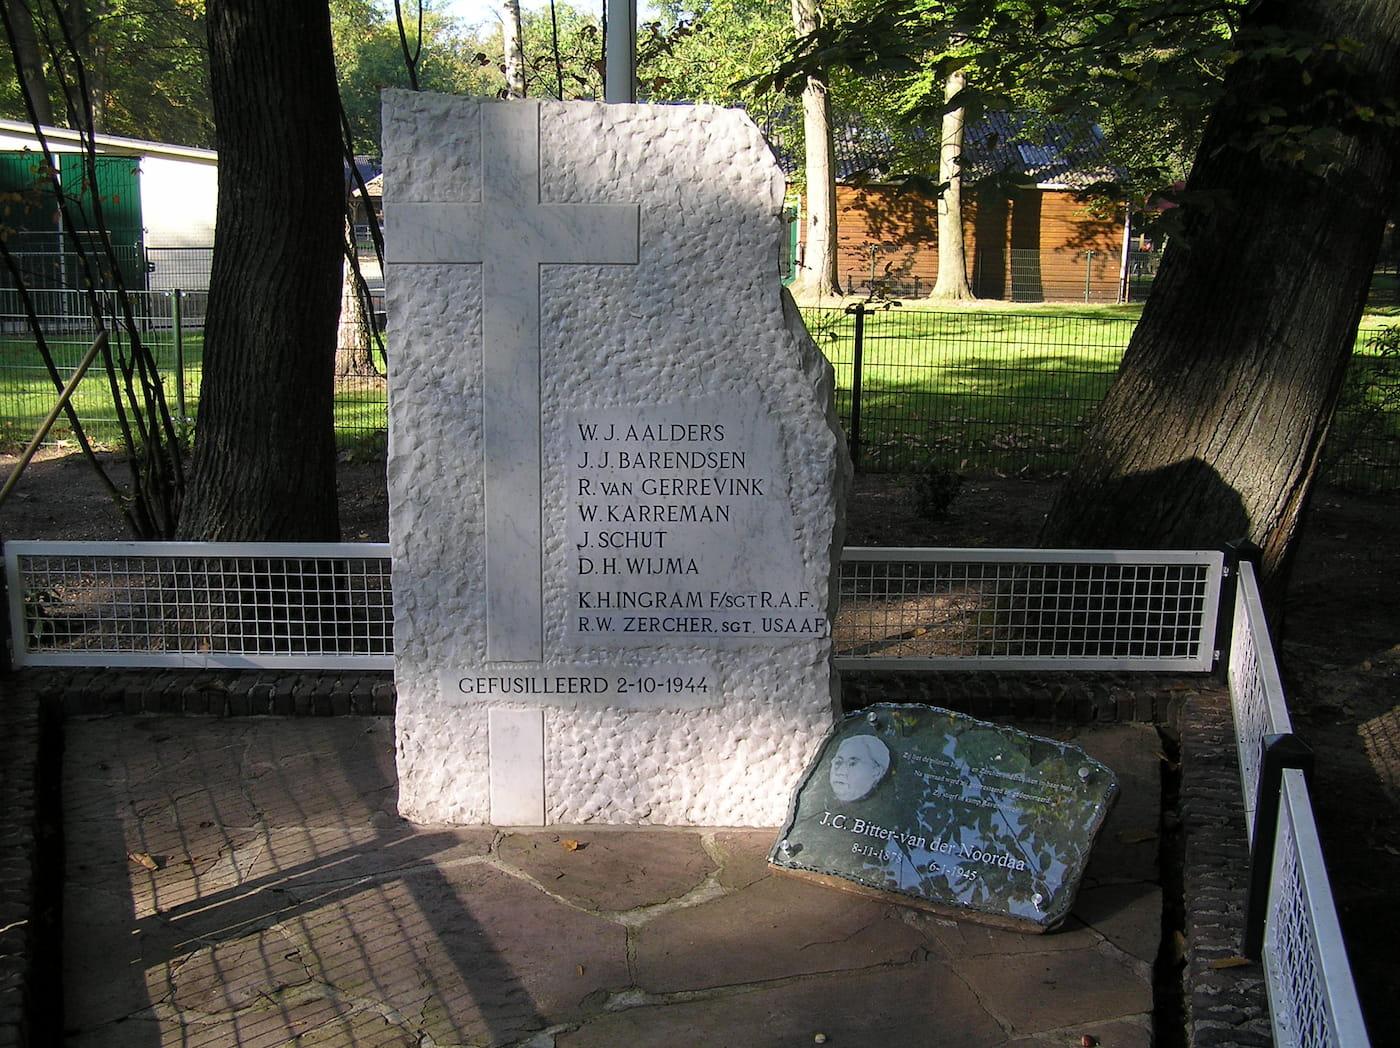 Gedenkteken 2 oktober 1944, Groot Schuylenburg